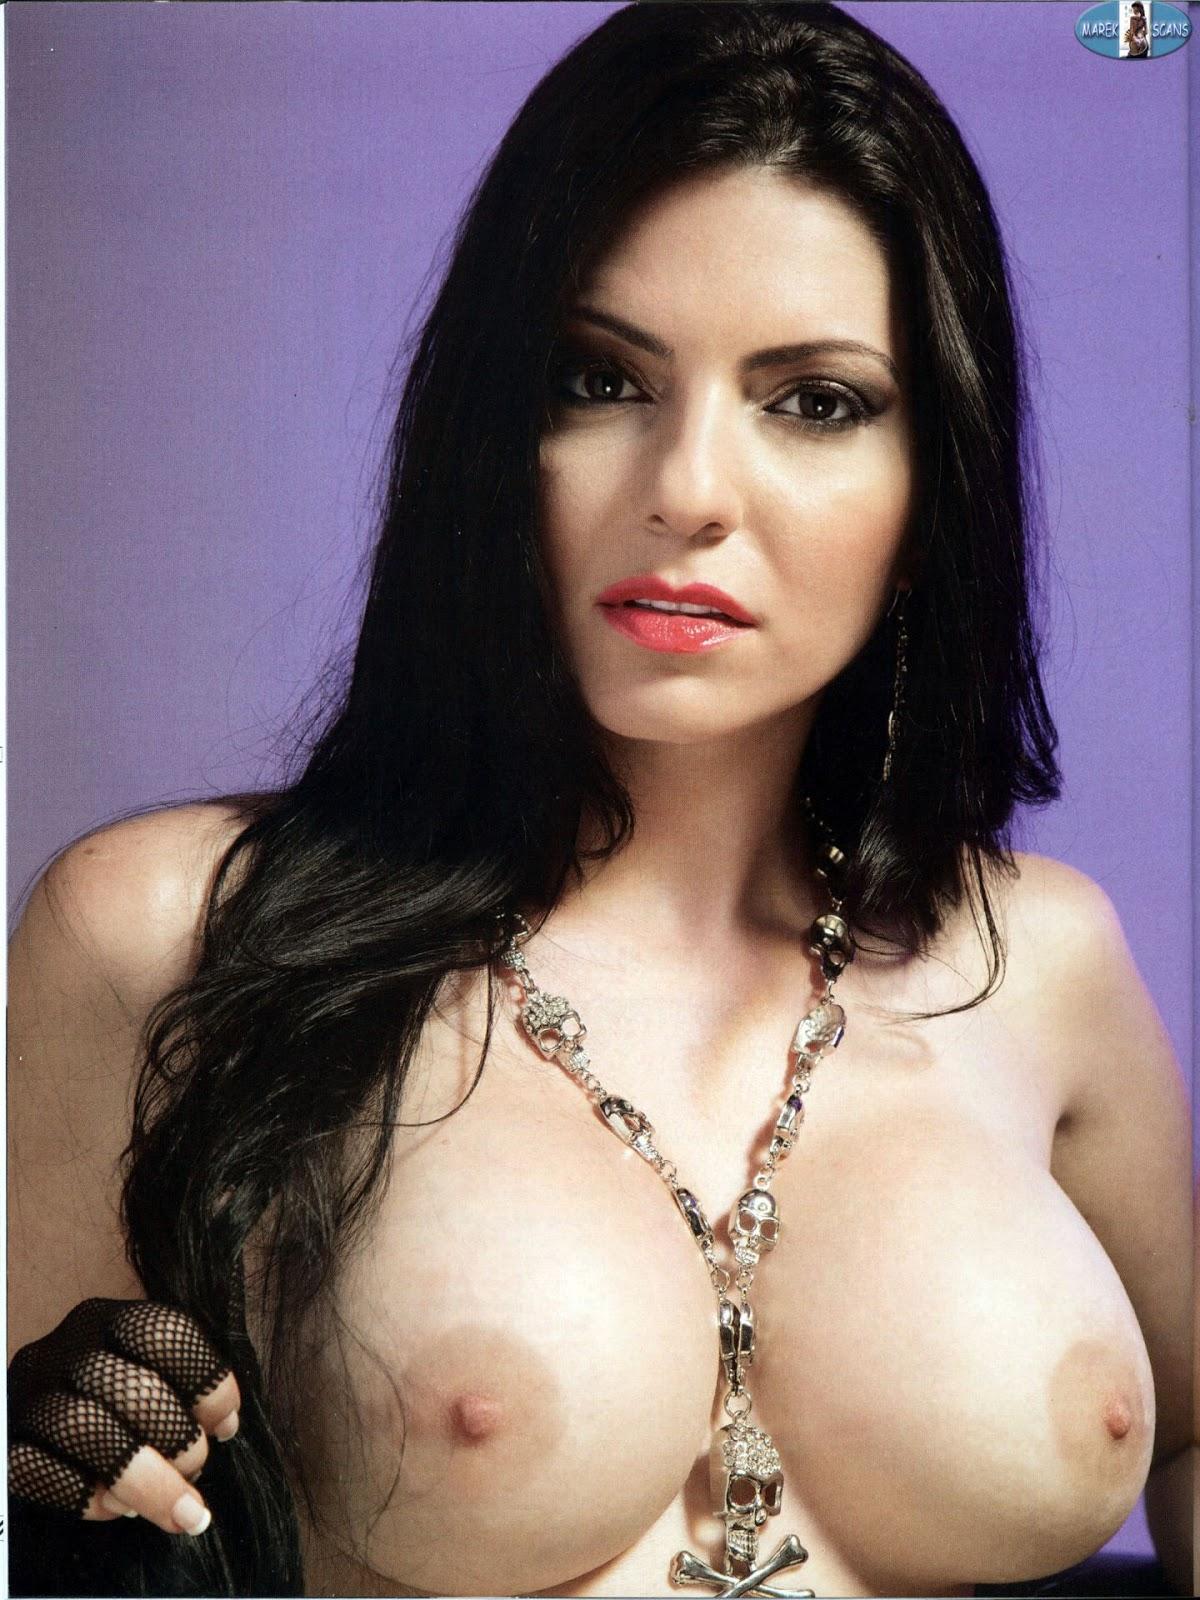 Gaby labarbara naked